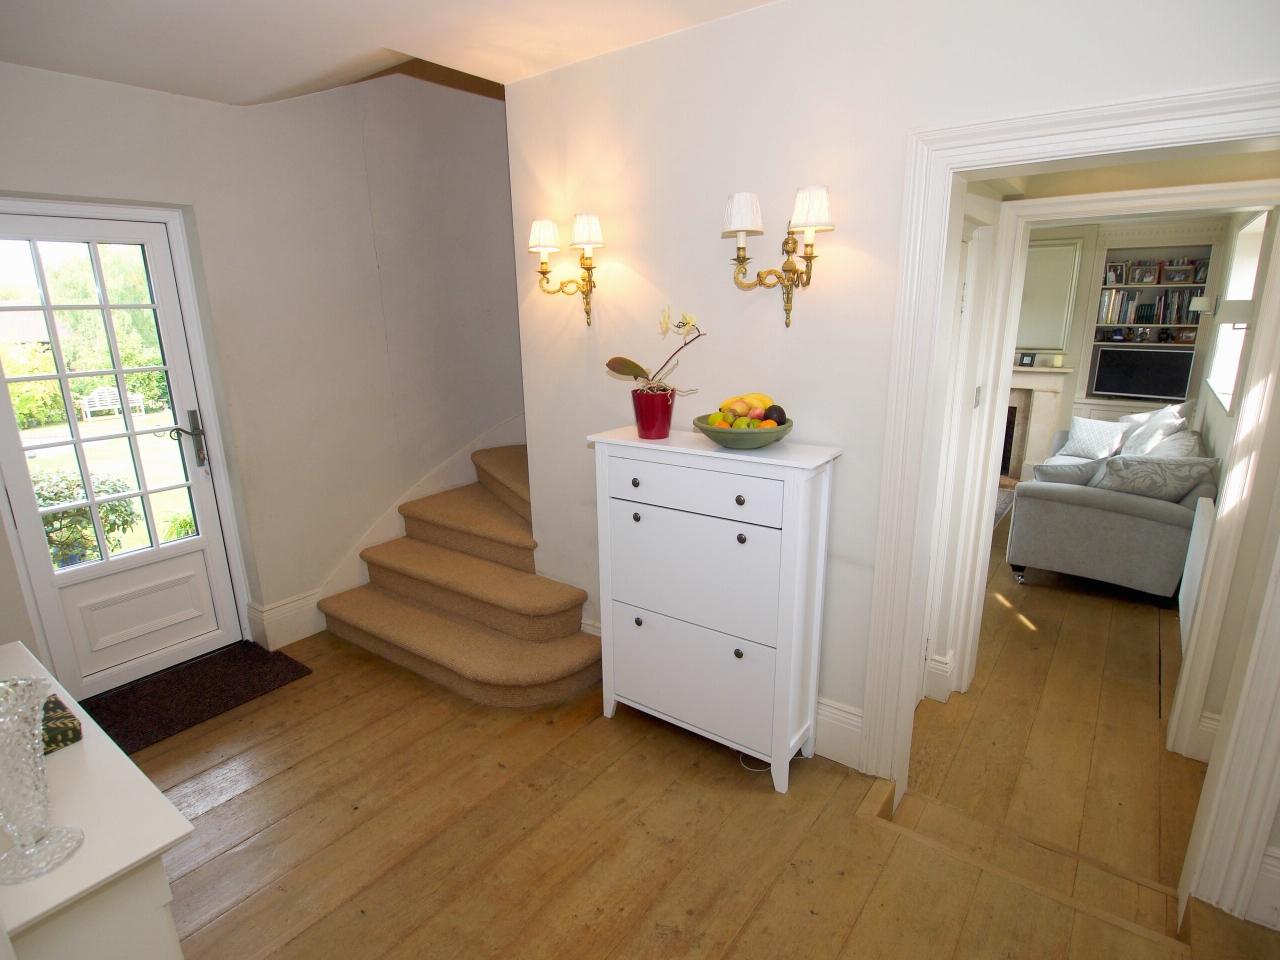 4 bedroom detached house Sold in Tonbridge - Photograph 8